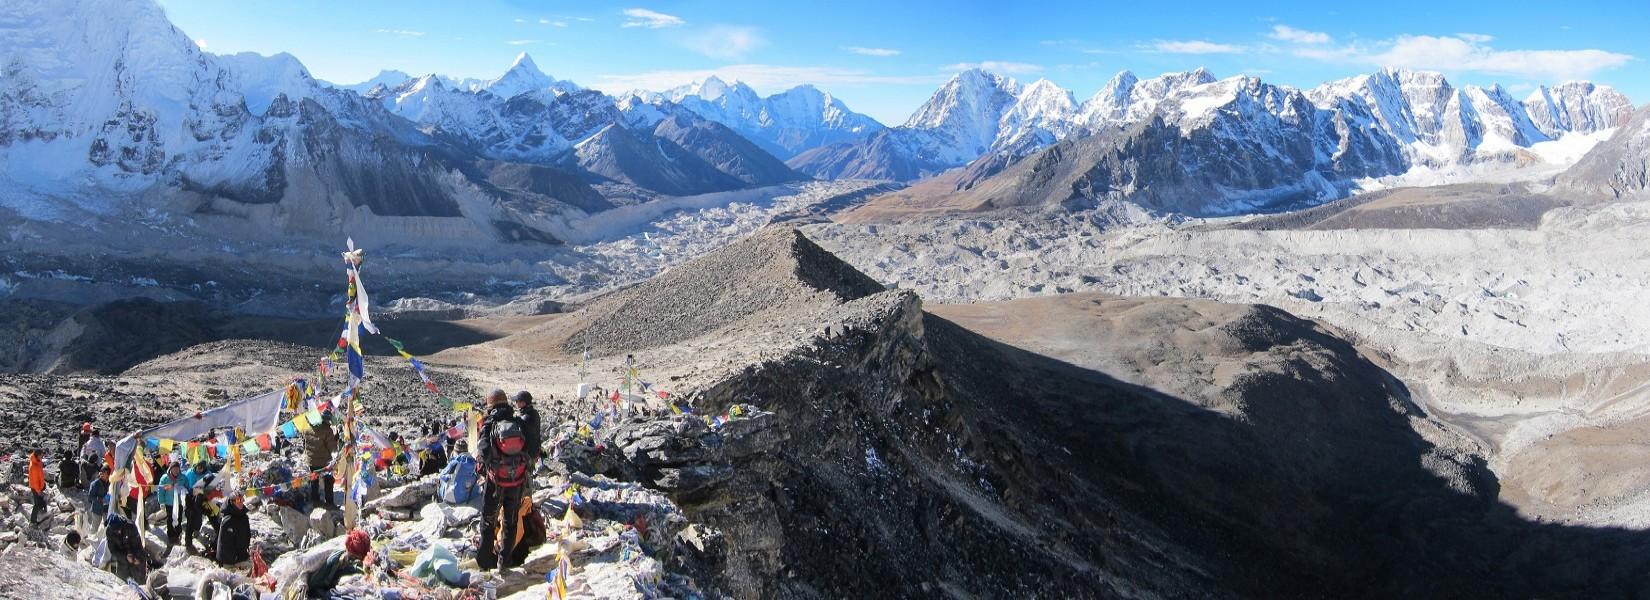 Three Pass Trekking in Everest Region